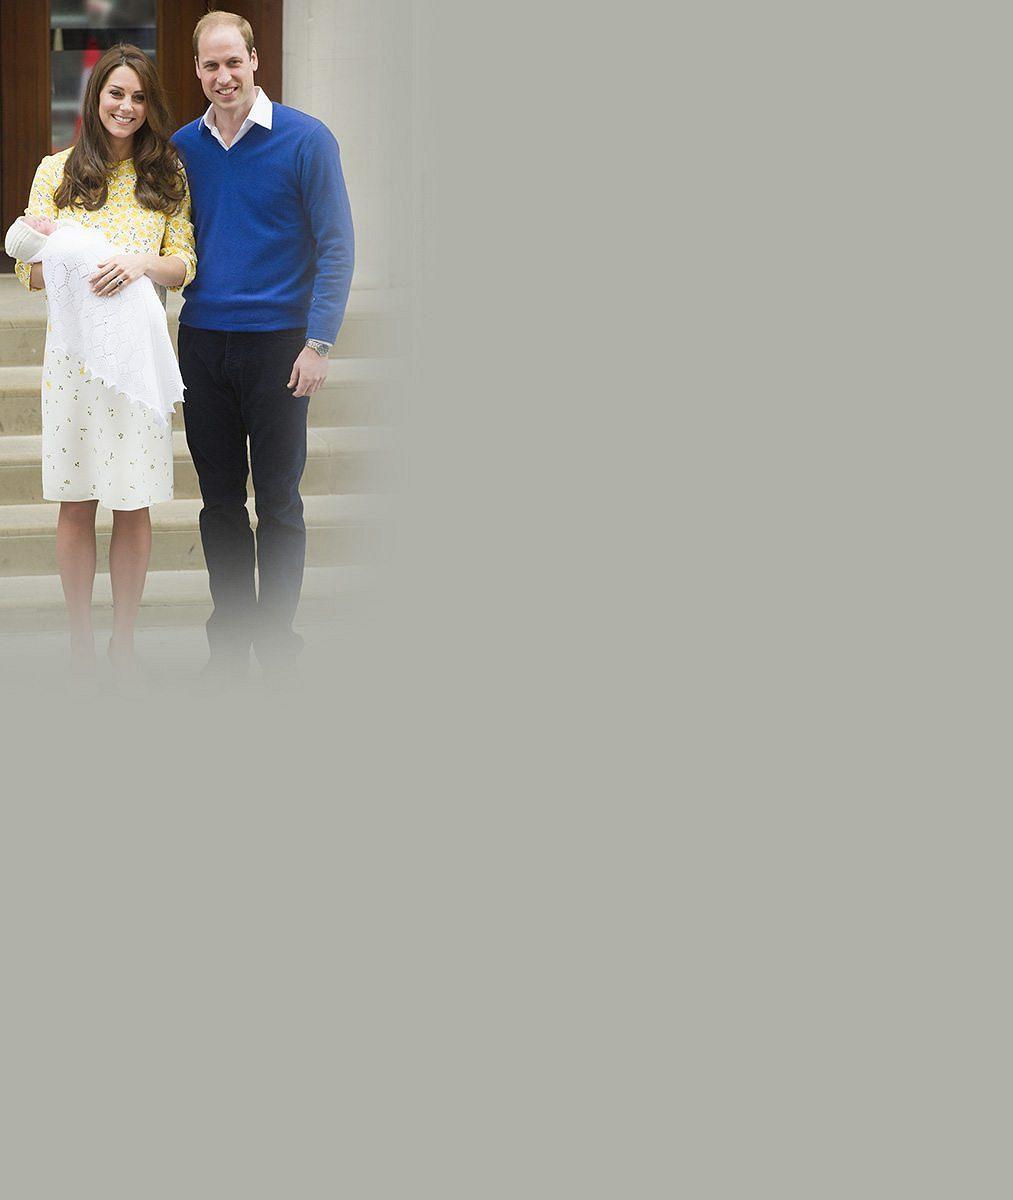 Rodný list princezny Charlotte? Se všemi tituly se málem nevešla do kolonky